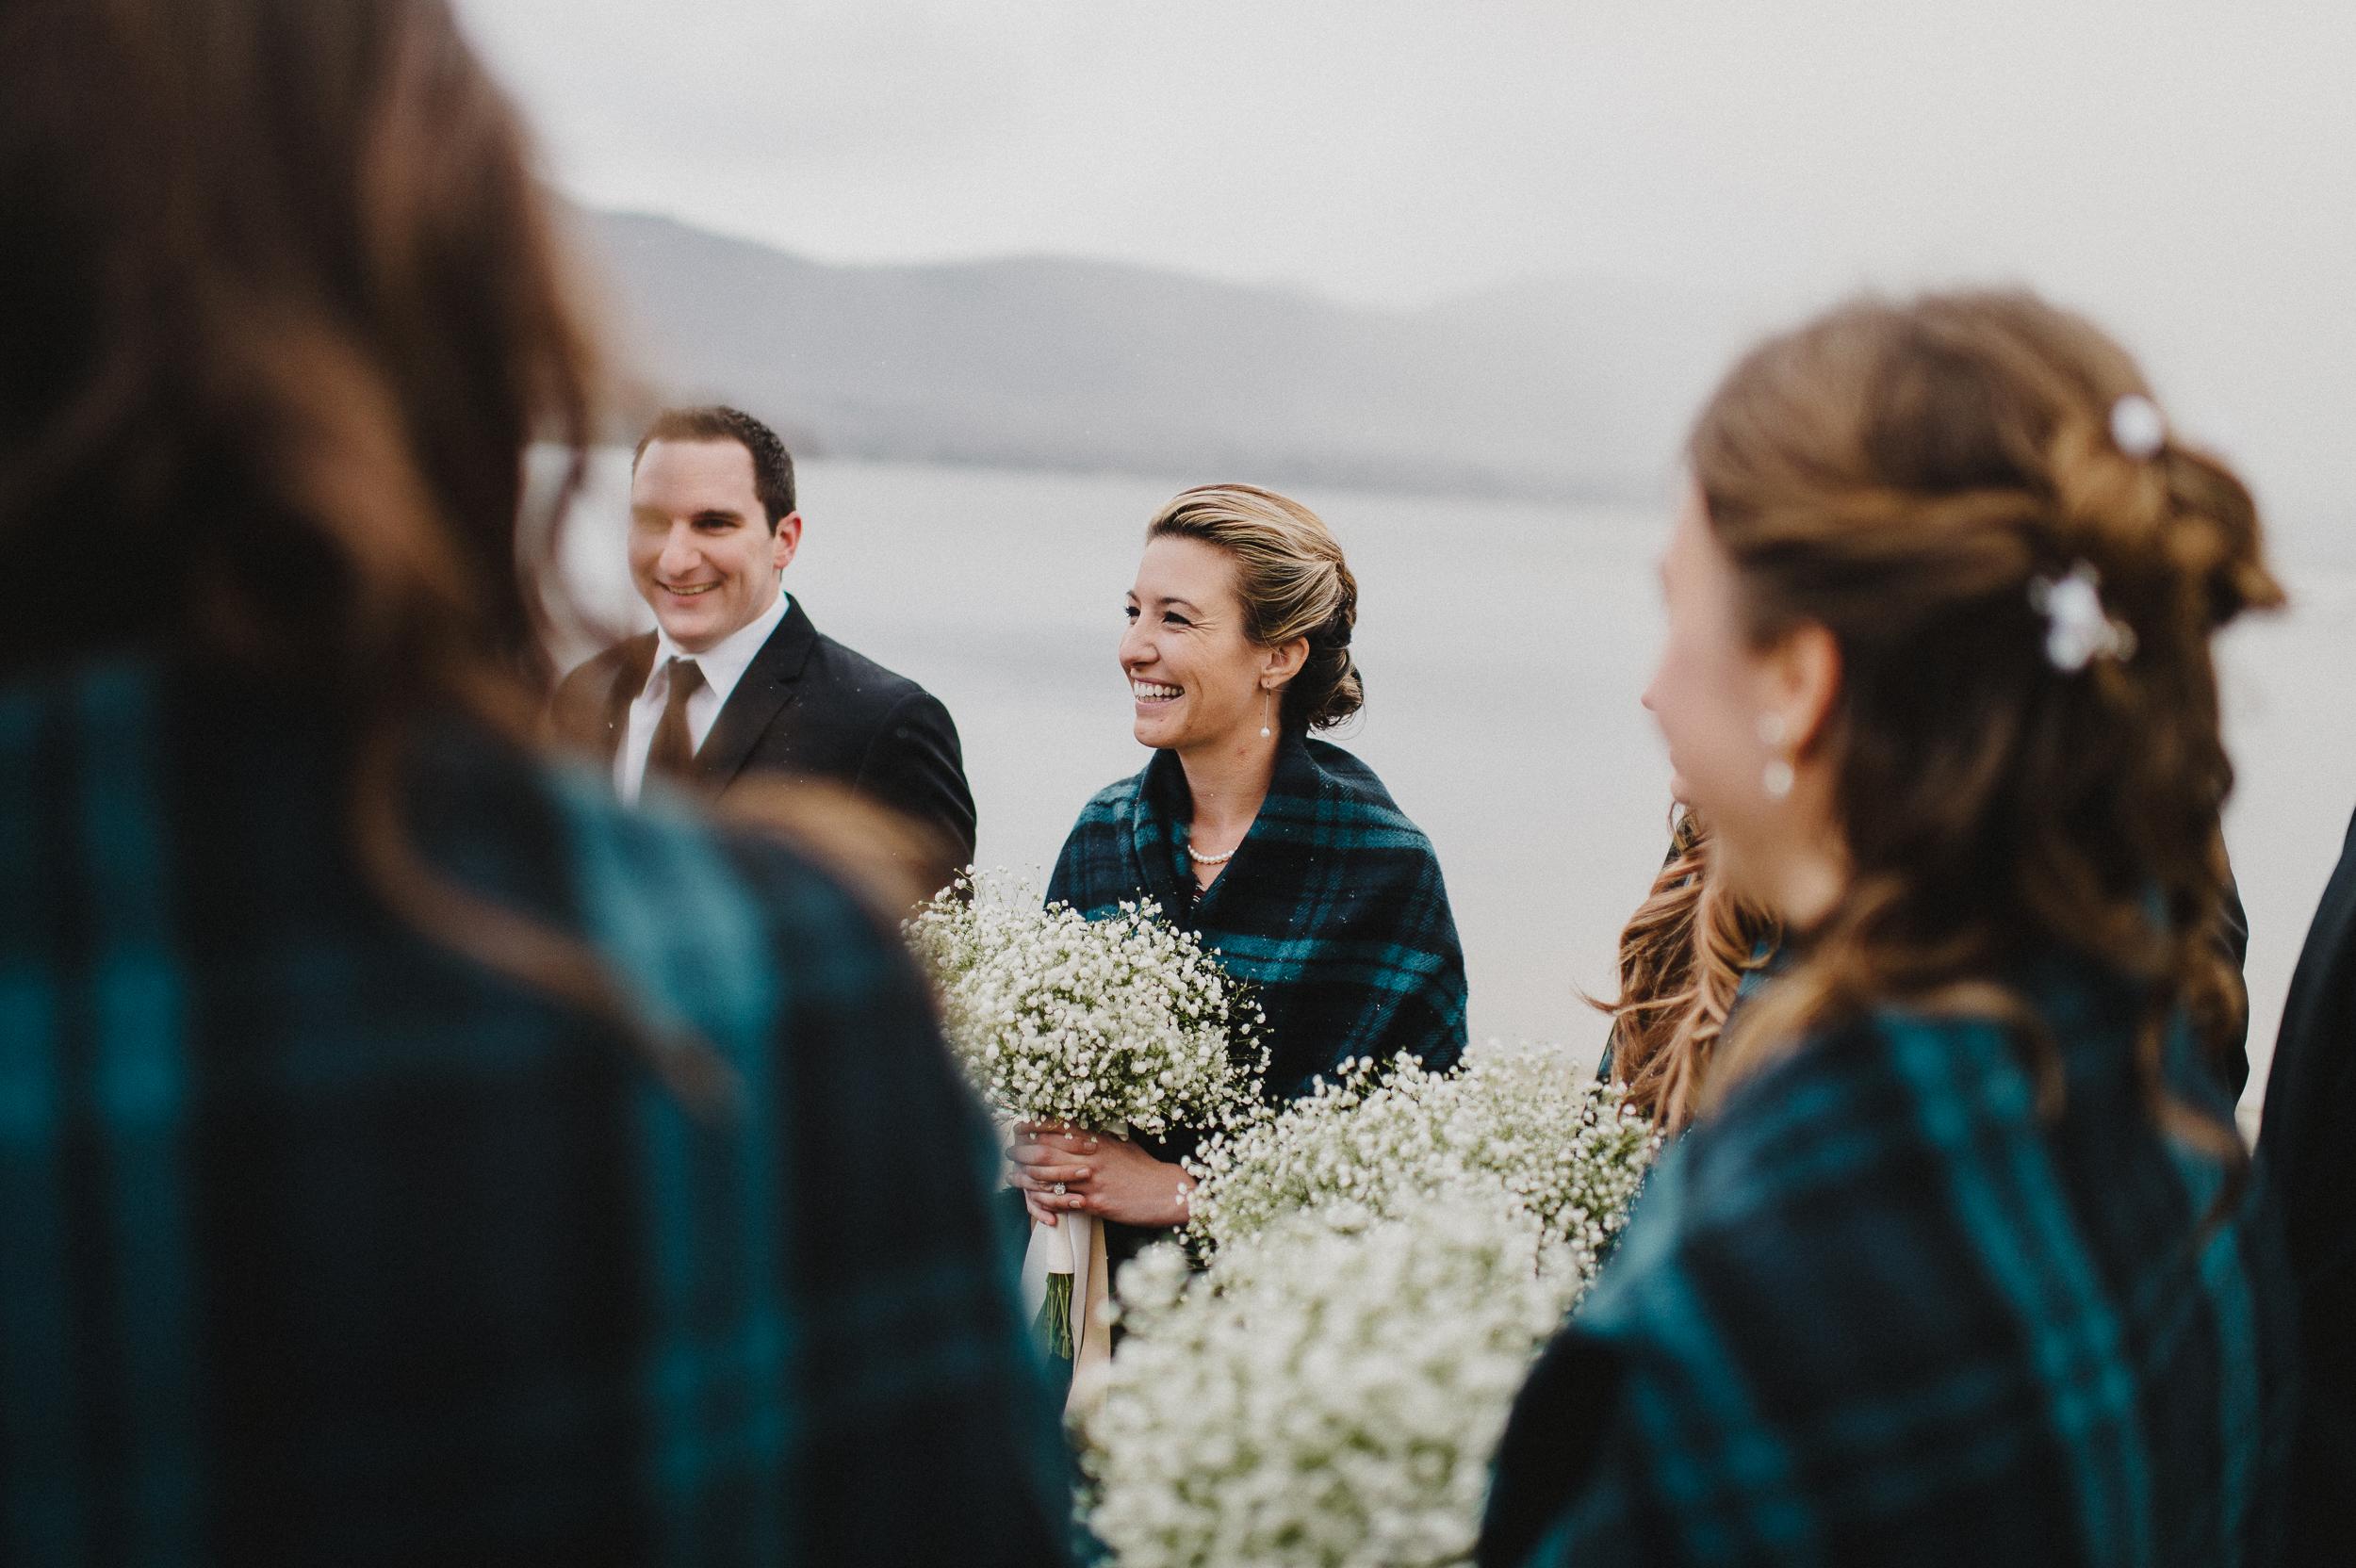 vermont-destination-wedding-photographer-24.jpg